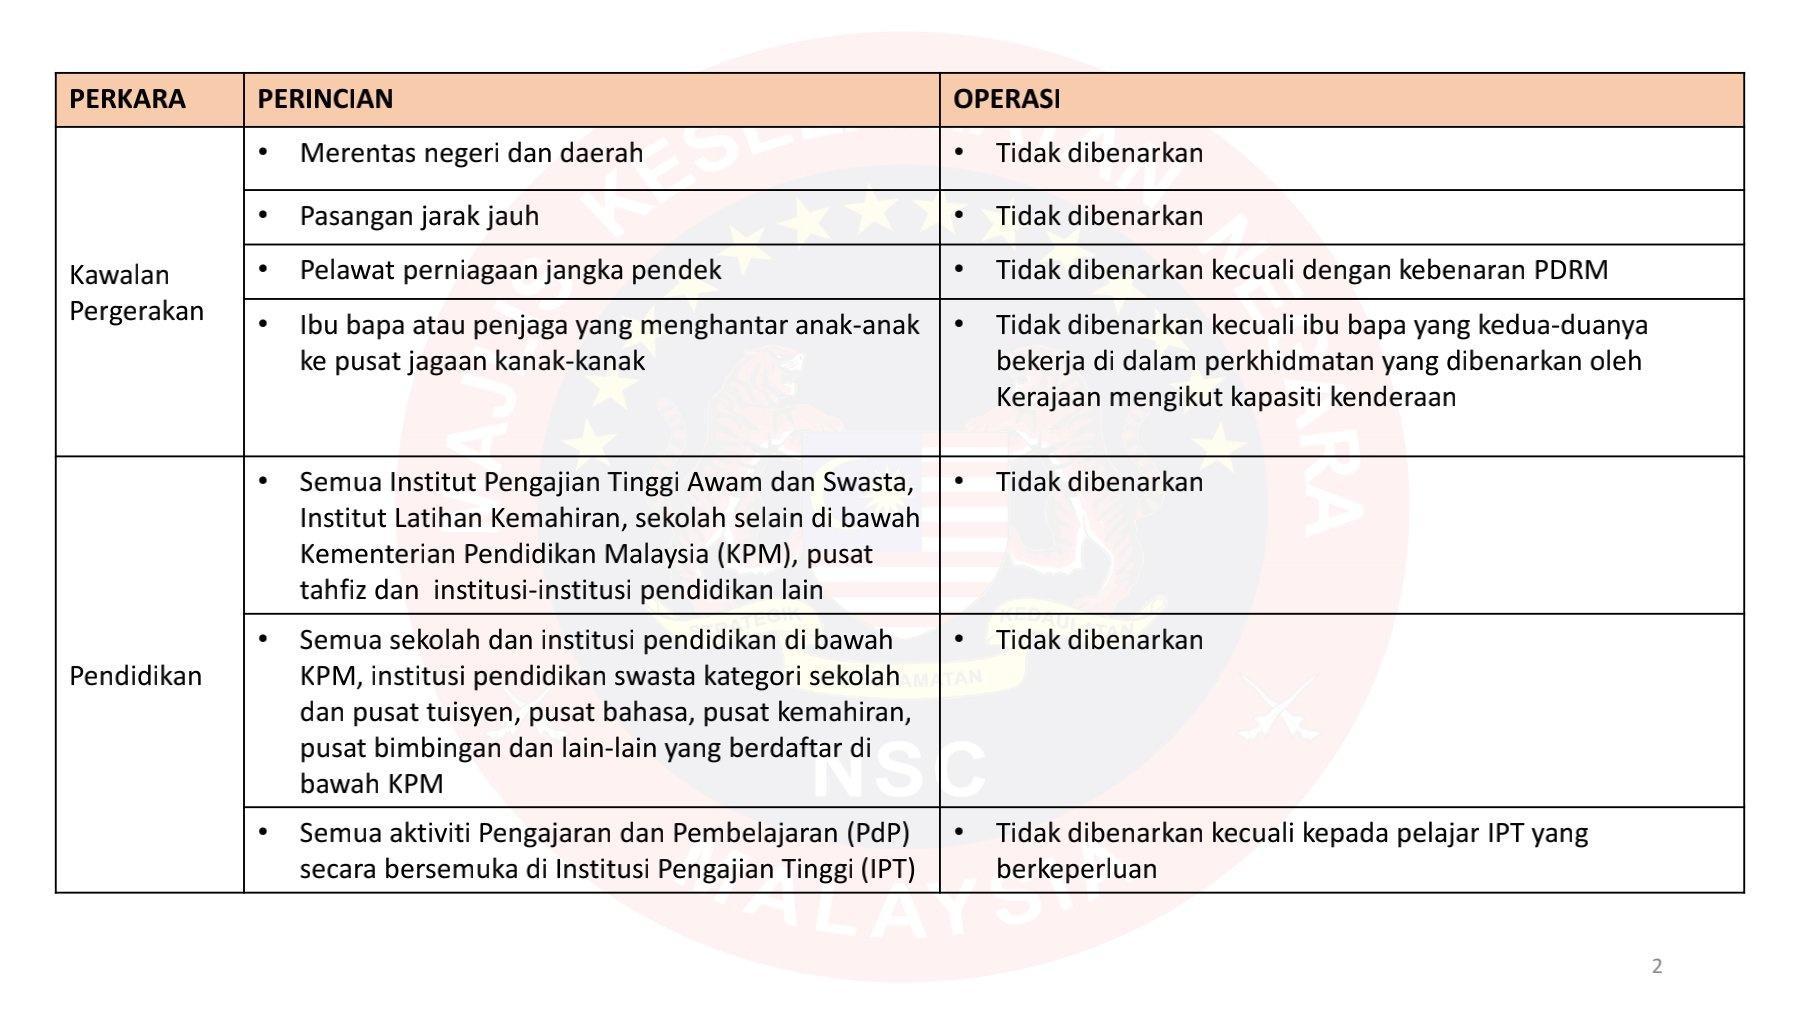 RINGKASAN SOP PKP MKN (TIDAK DIBENARKAN) 1 JUN 2021 HINGGA 14 JUN 2021